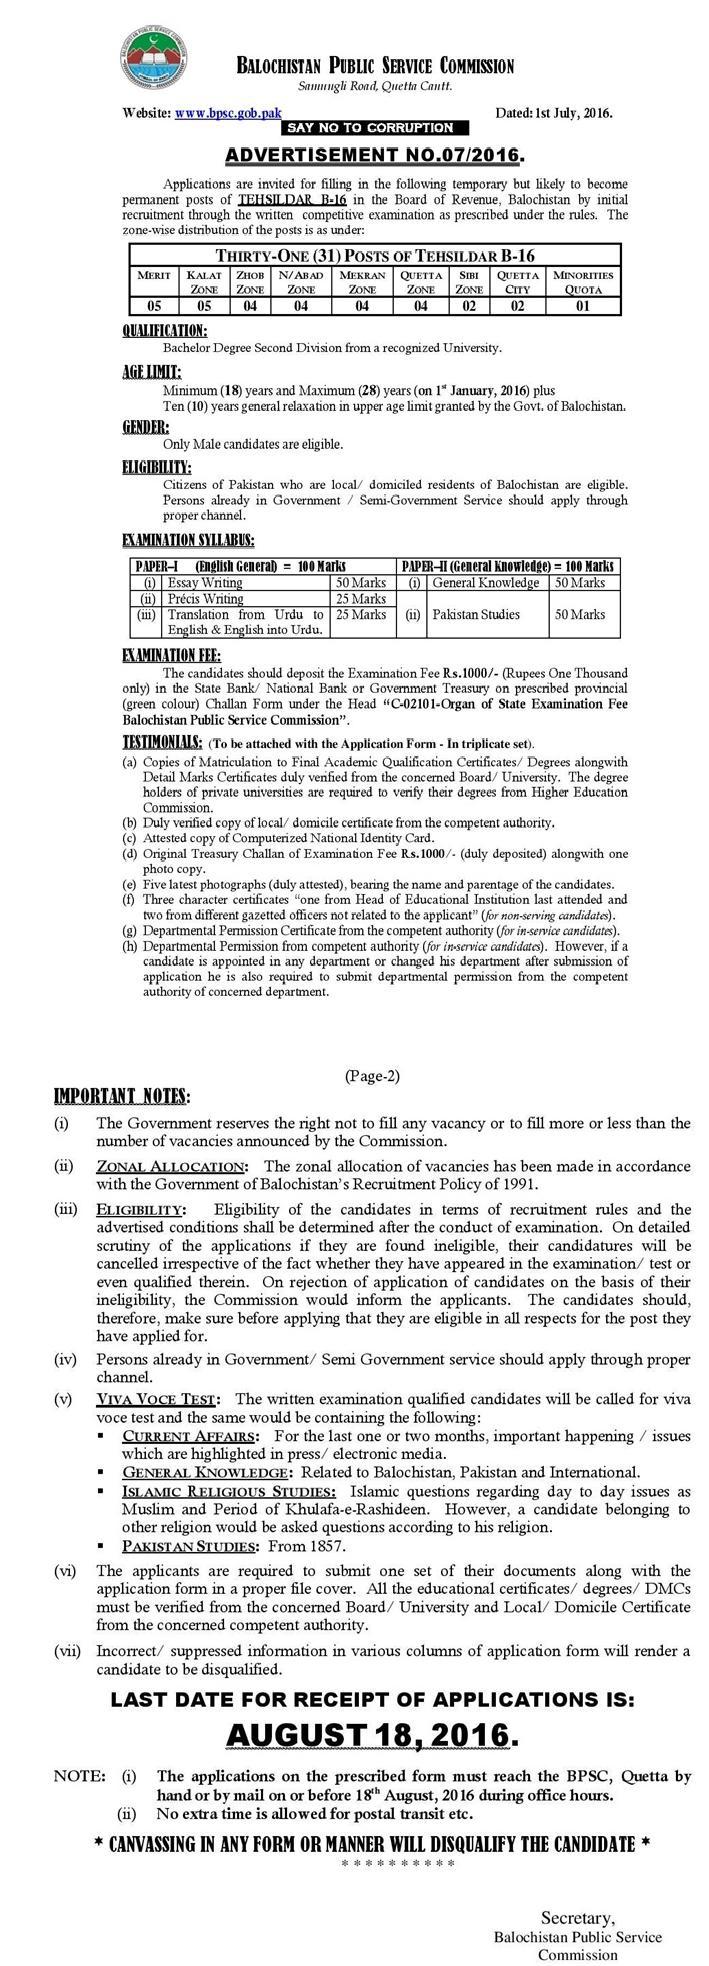 BPSC Advertisement No 7-2016 Tehsildar Jobs Written Test Syllabus